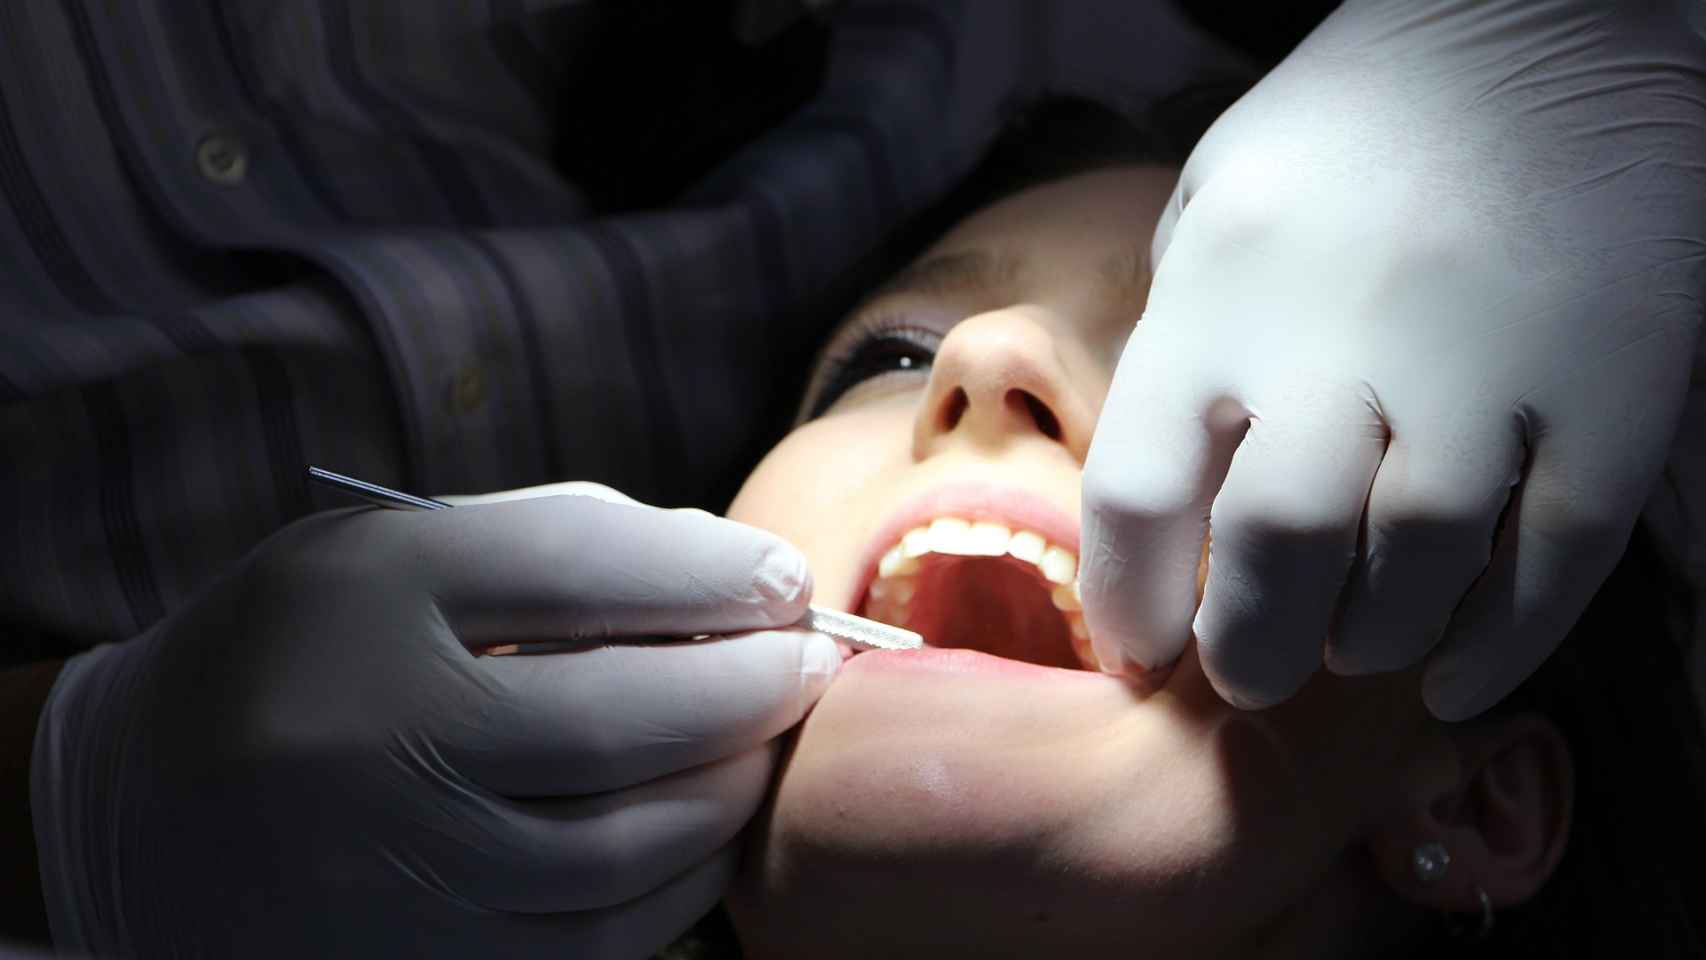 Una paciente es atendida por un dentista.